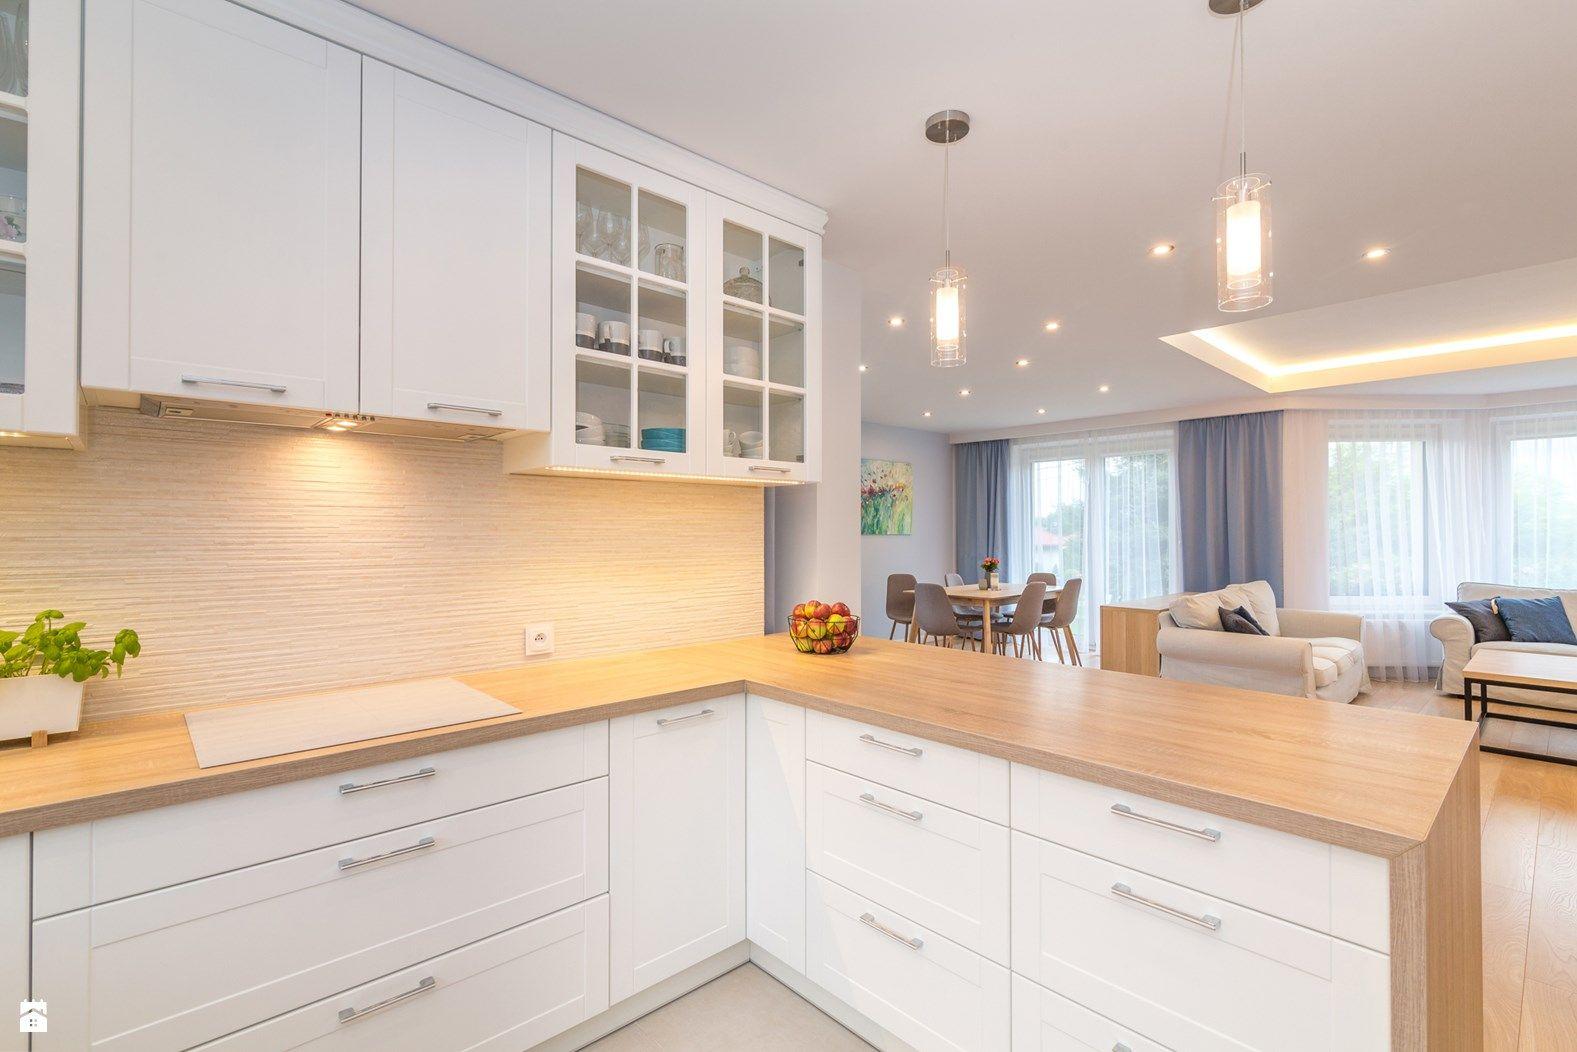 Wystroj Wnetrz Mala Kuchnia W Aneksie Pomysly Na Aranzacje Projekty Ktore Stanowia Prawdziwe Inspiracj Kitchen Cabinet Design Kitchen Cabinets Home Decor